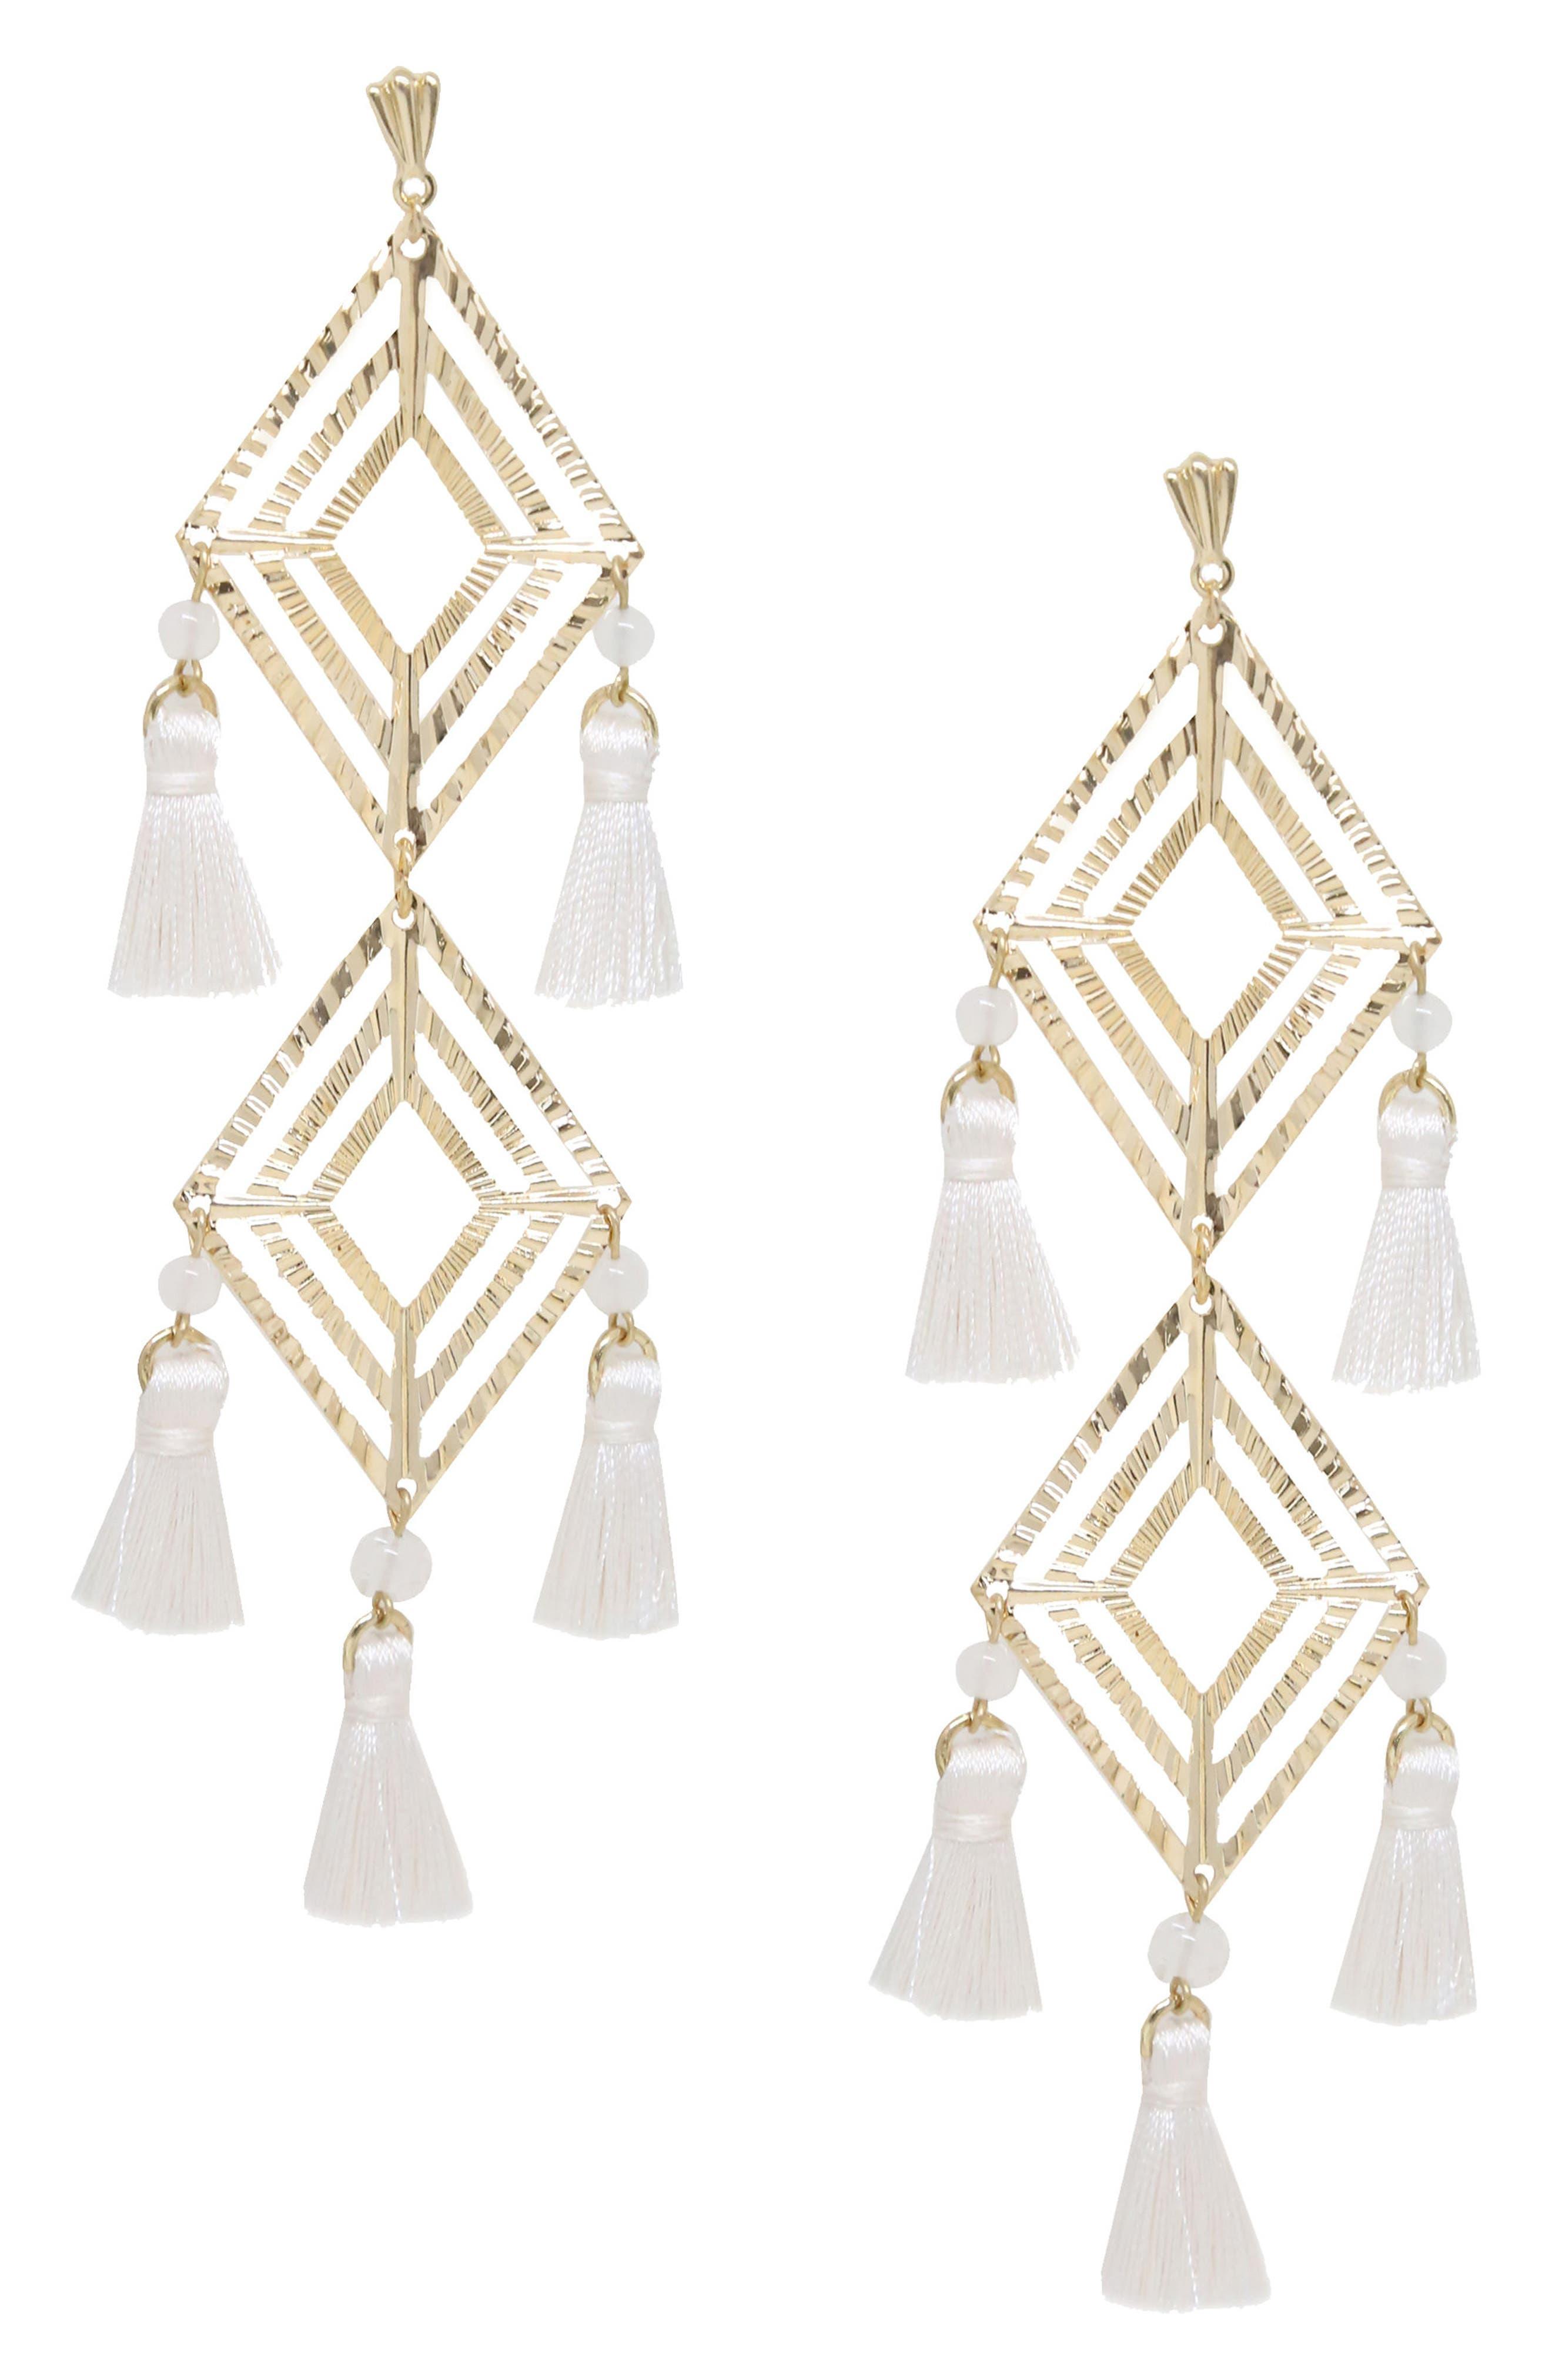 Jade Tassel Earrings,                             Main thumbnail 1, color,                             100